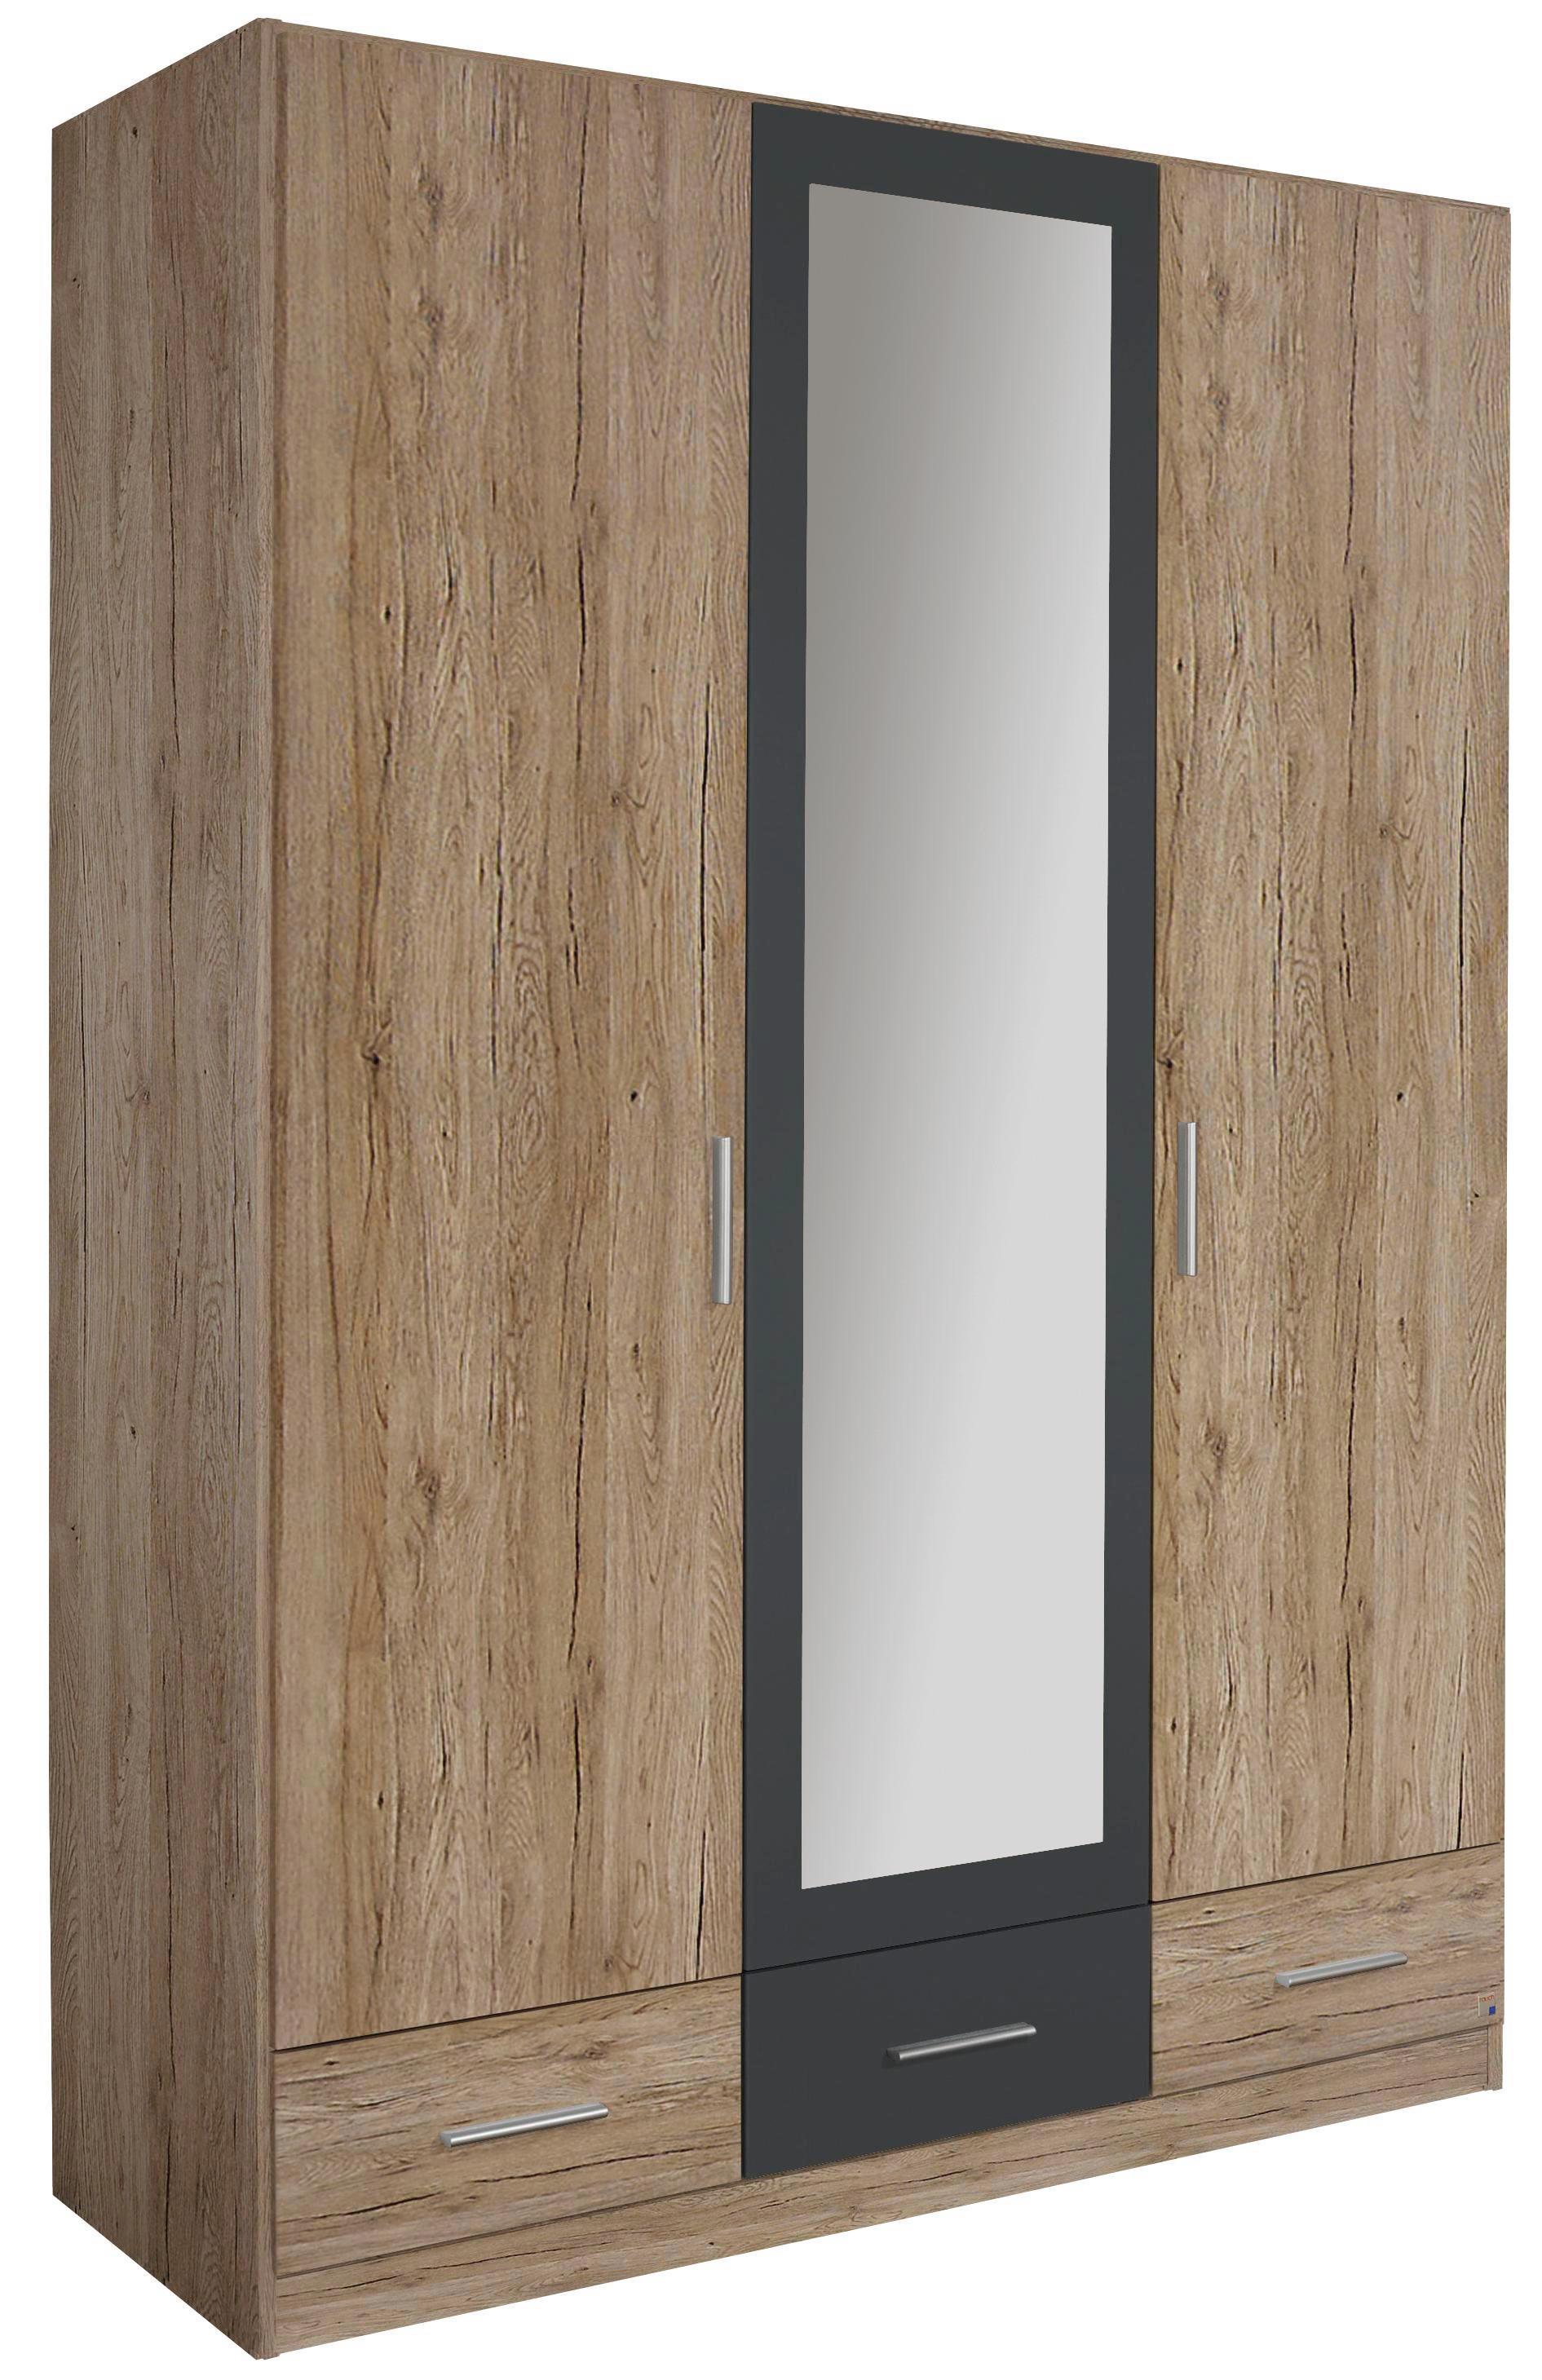 Drehtürenschrank in Eiche/Grau Metallic - Eichefarben/Grau, MODERN, Holz/Holzwerkstoff (136/197/54cm) - MODERN LIVING